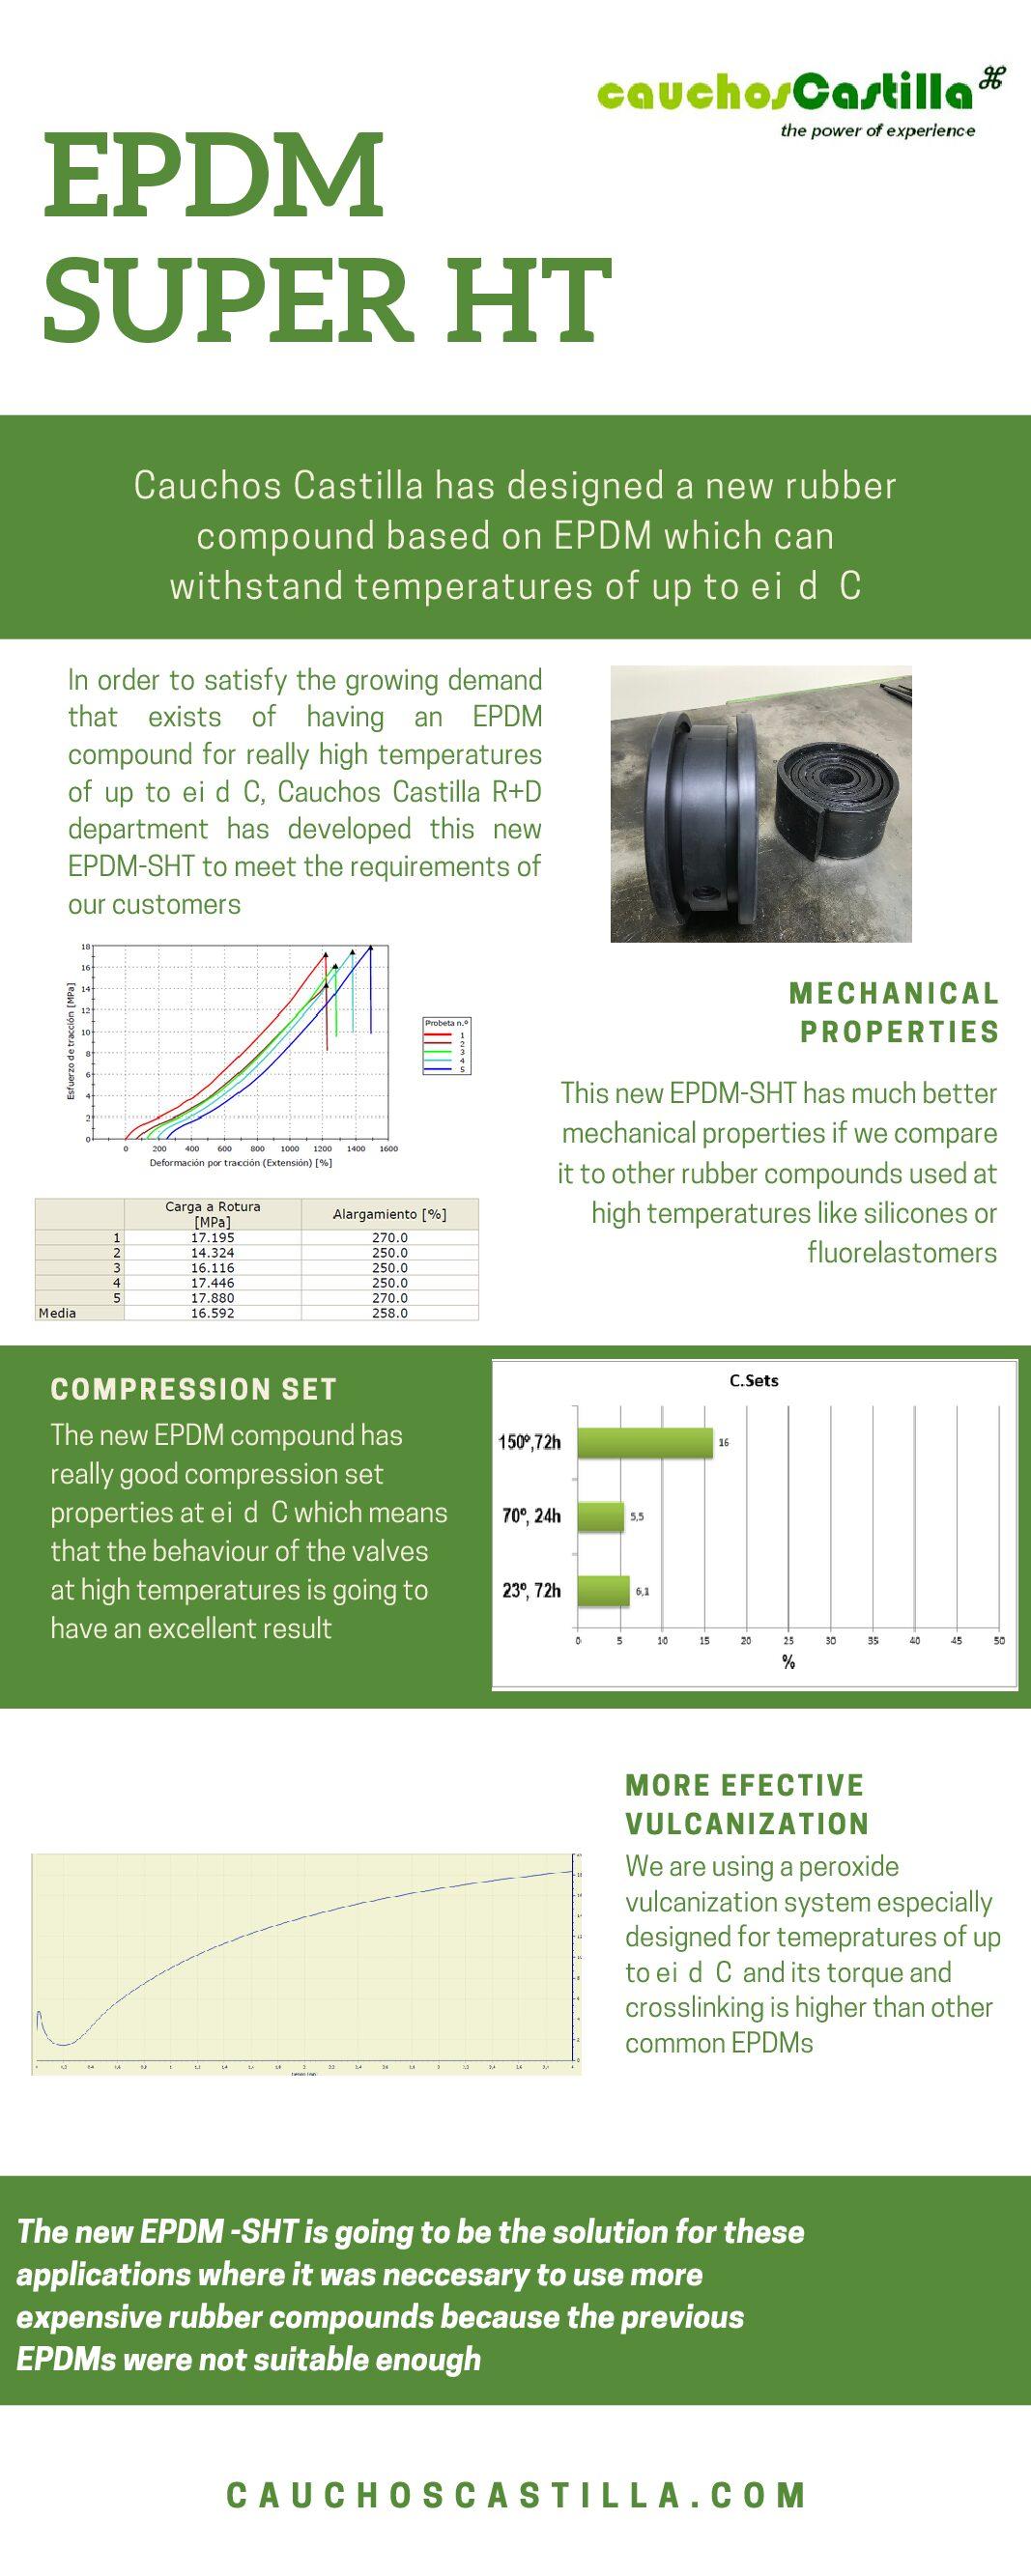 EPDM Super HT para uso a temperaturas de hasta 150ºC